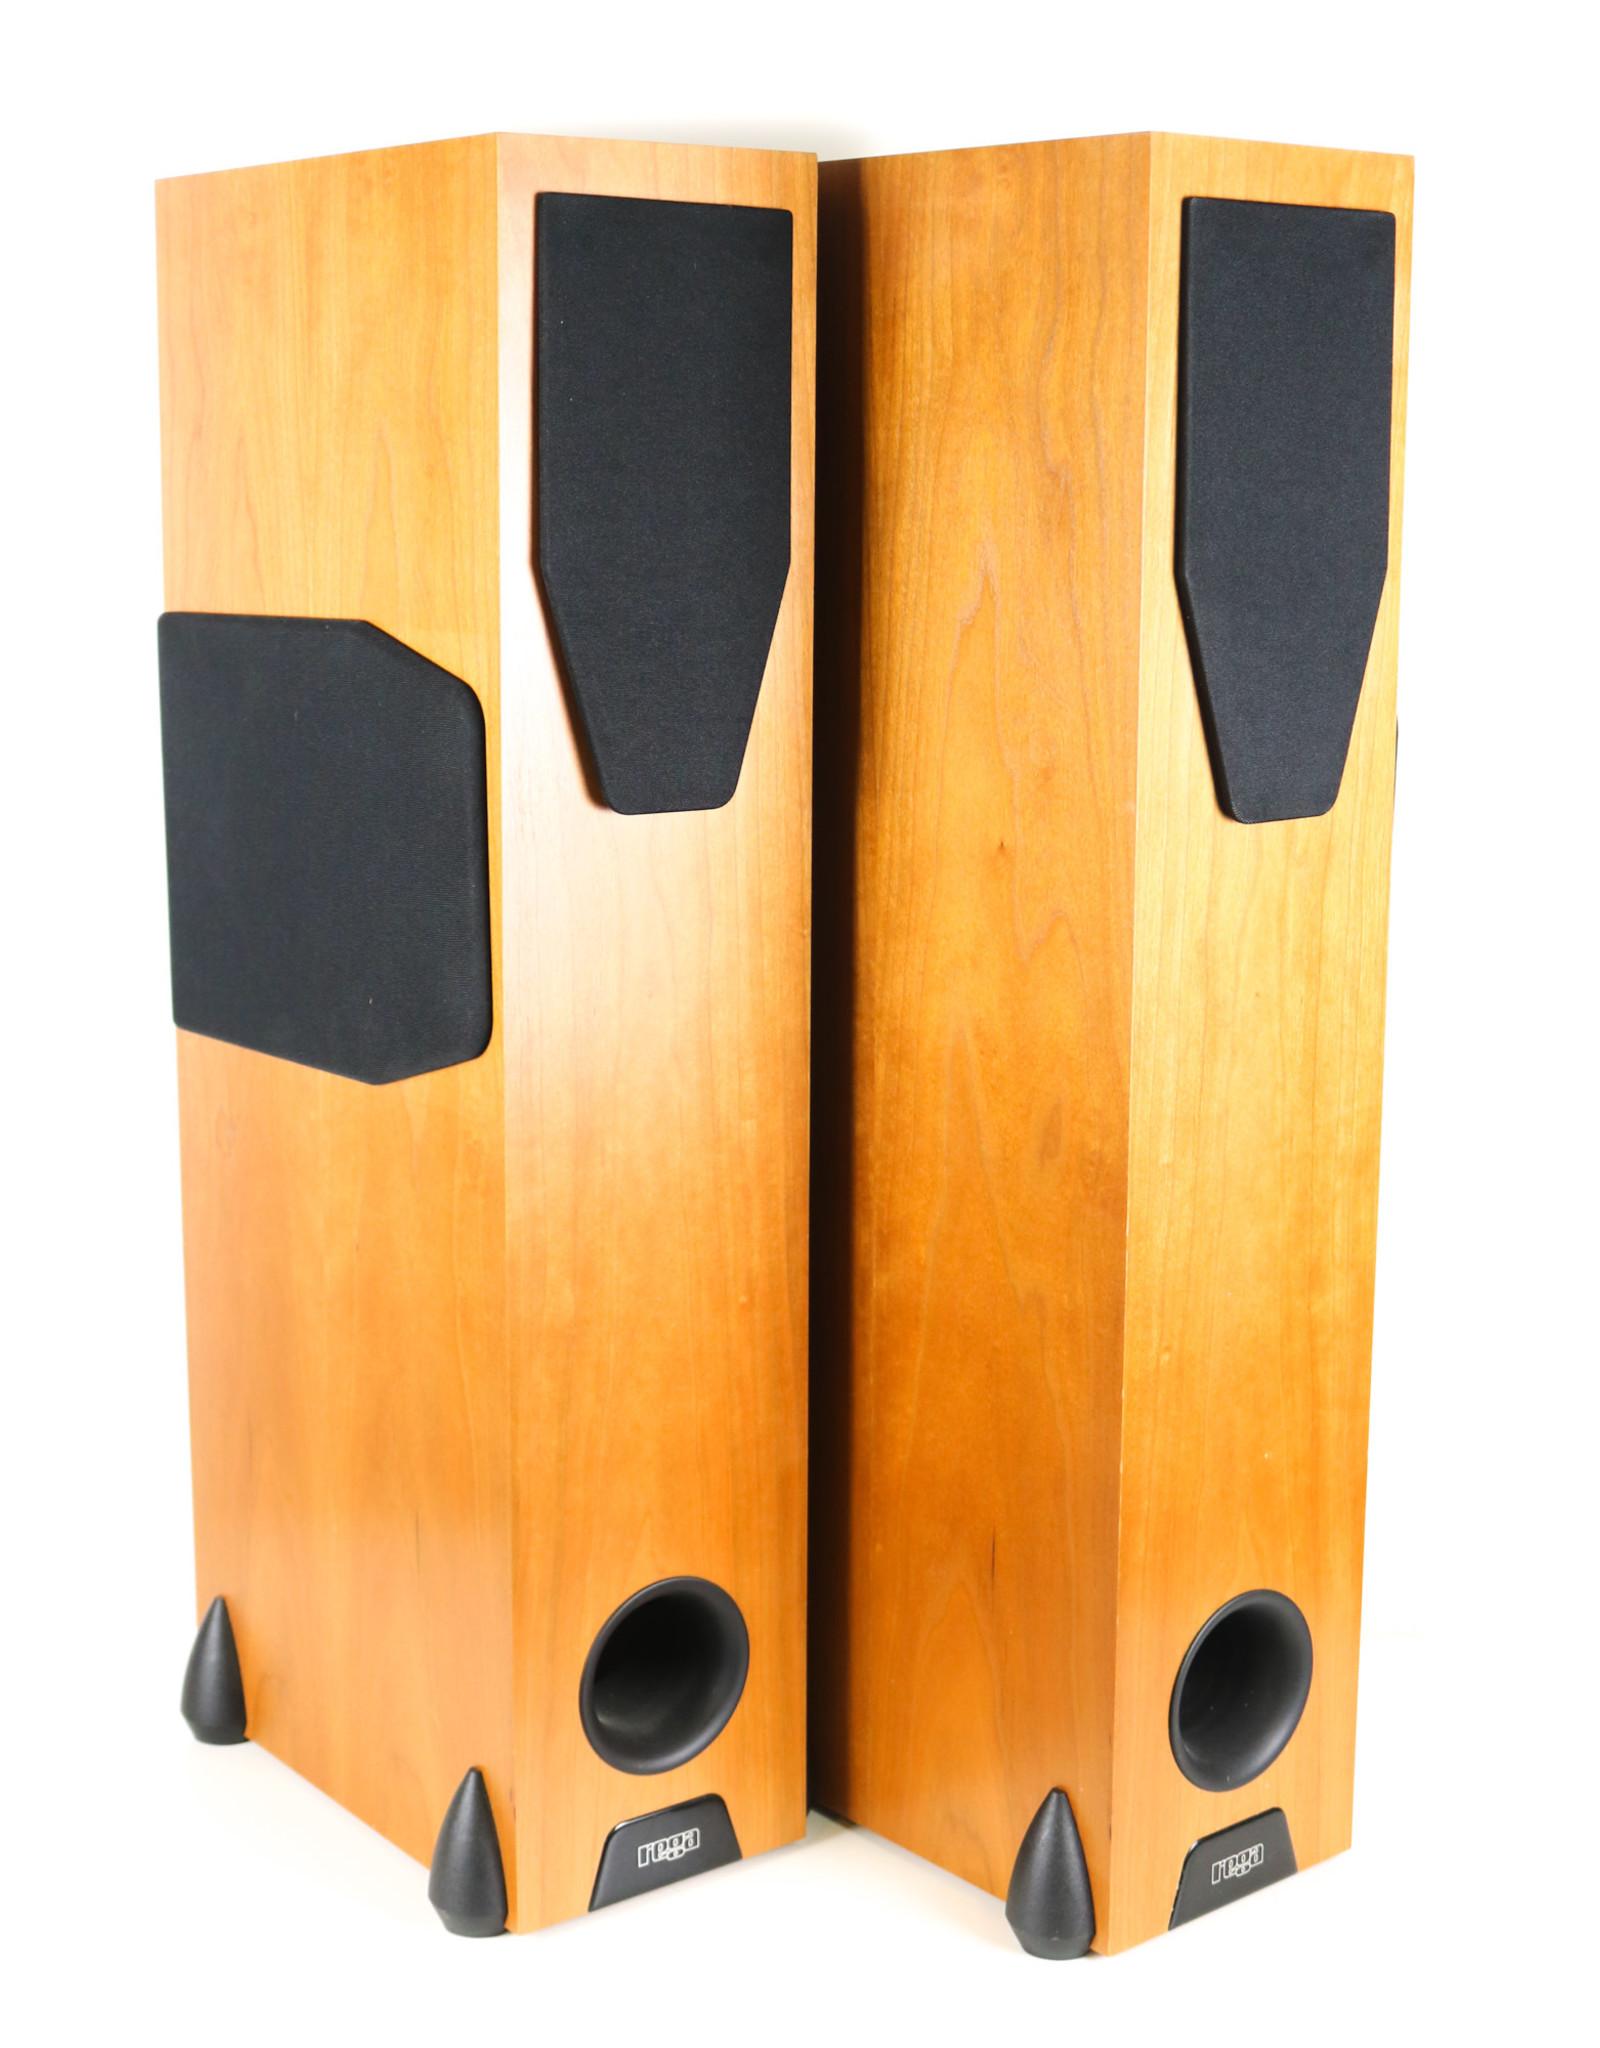 Rega Rega RS5 Floorstanding Speakers Cherry USED